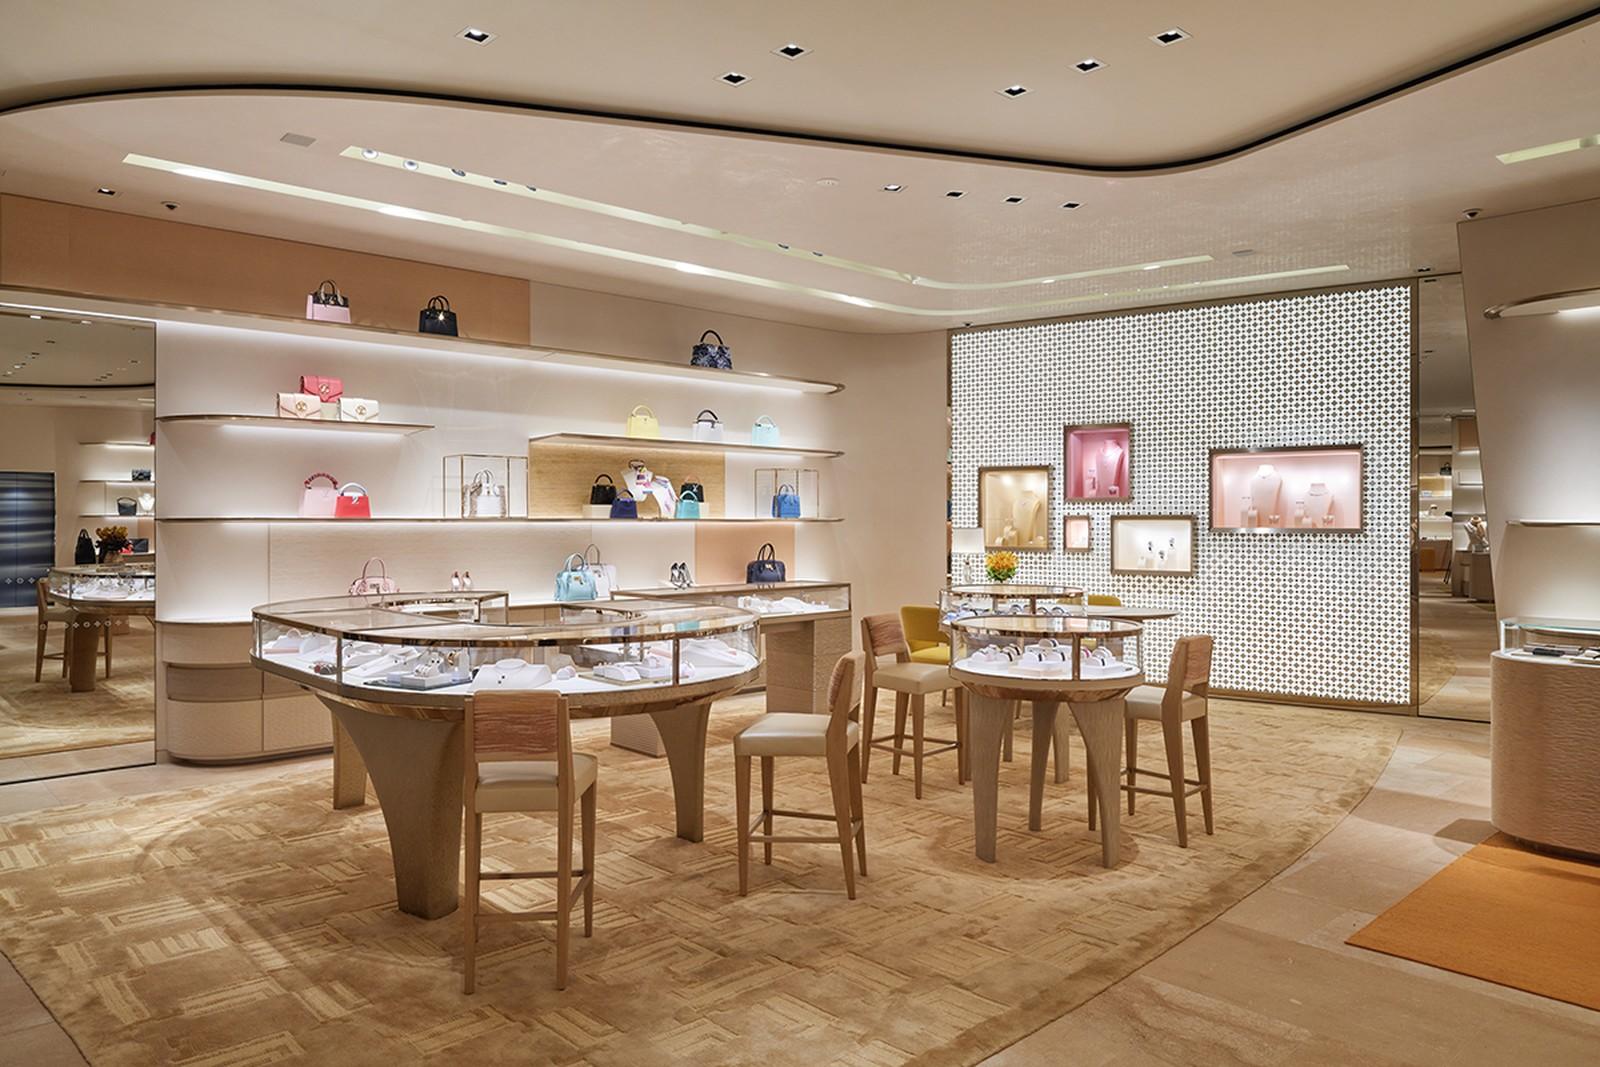 Медузи, водна гладь і страви від шеф-кухаря: Louis Vuitton відкриває магазин у Токіо